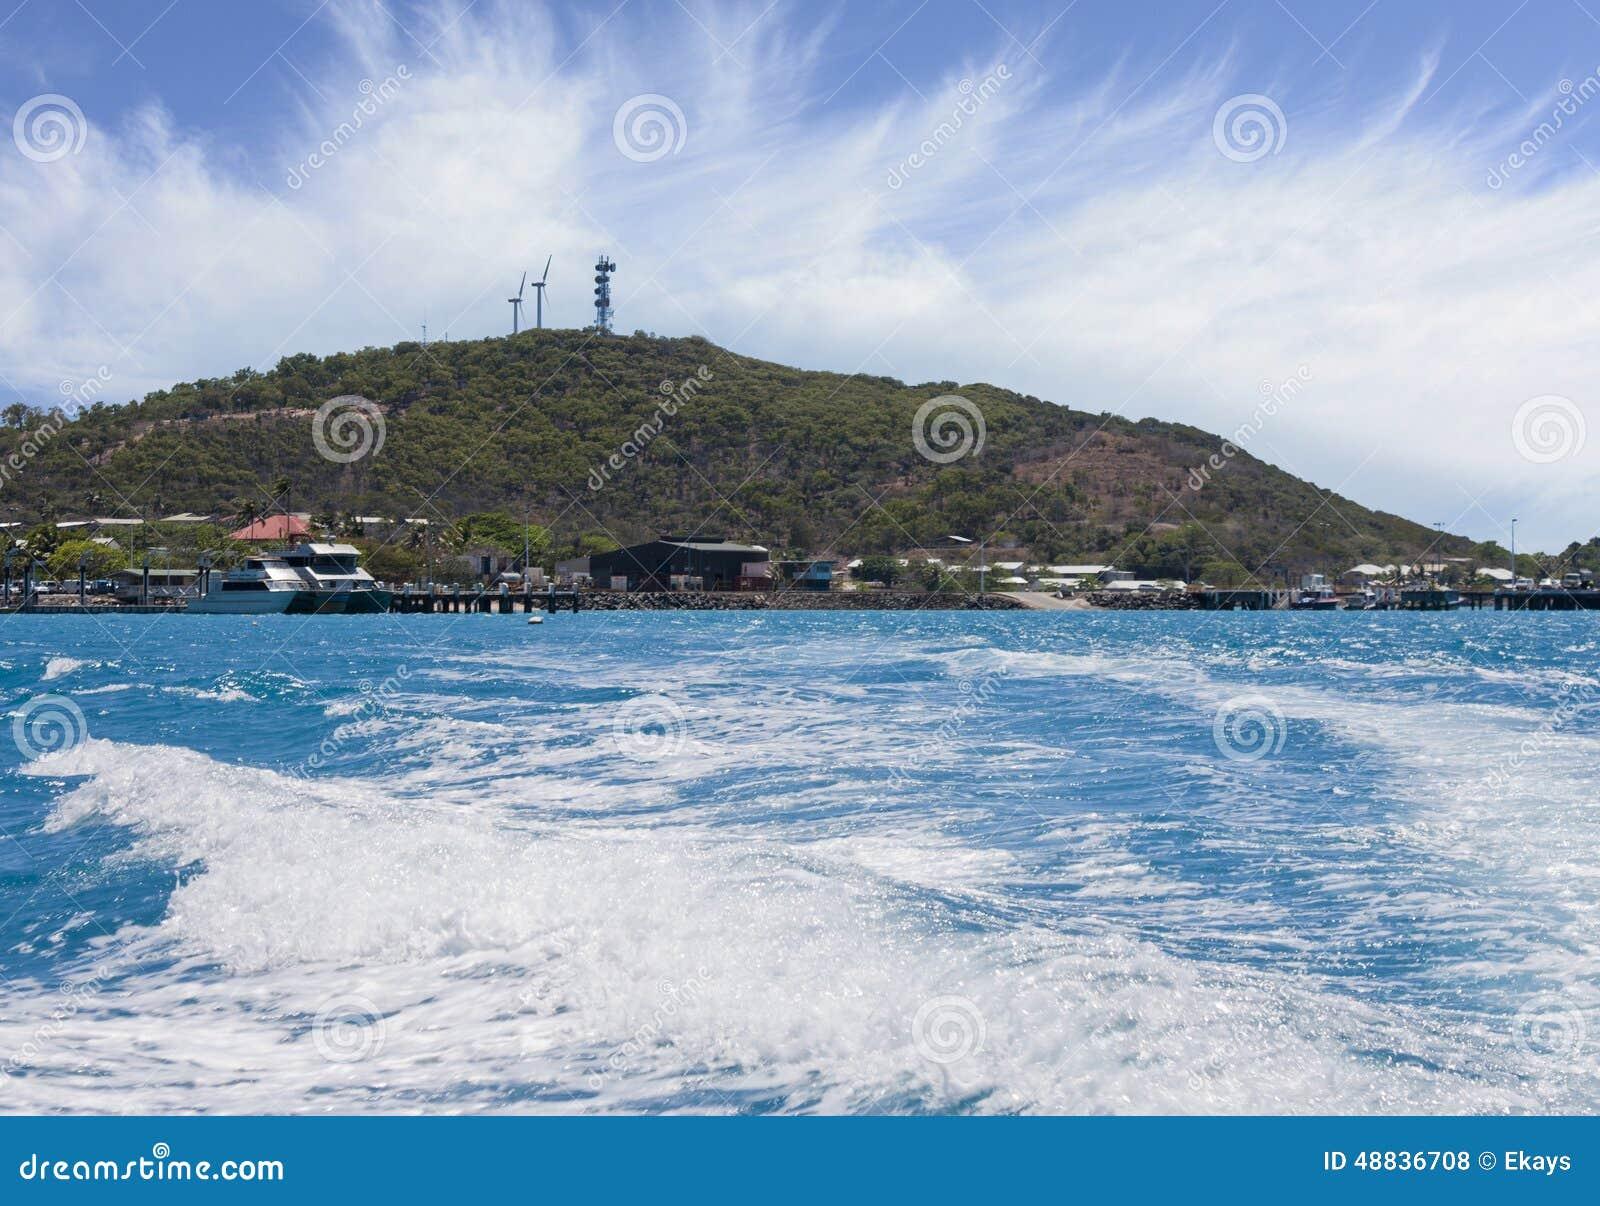 Thursday Island 0257